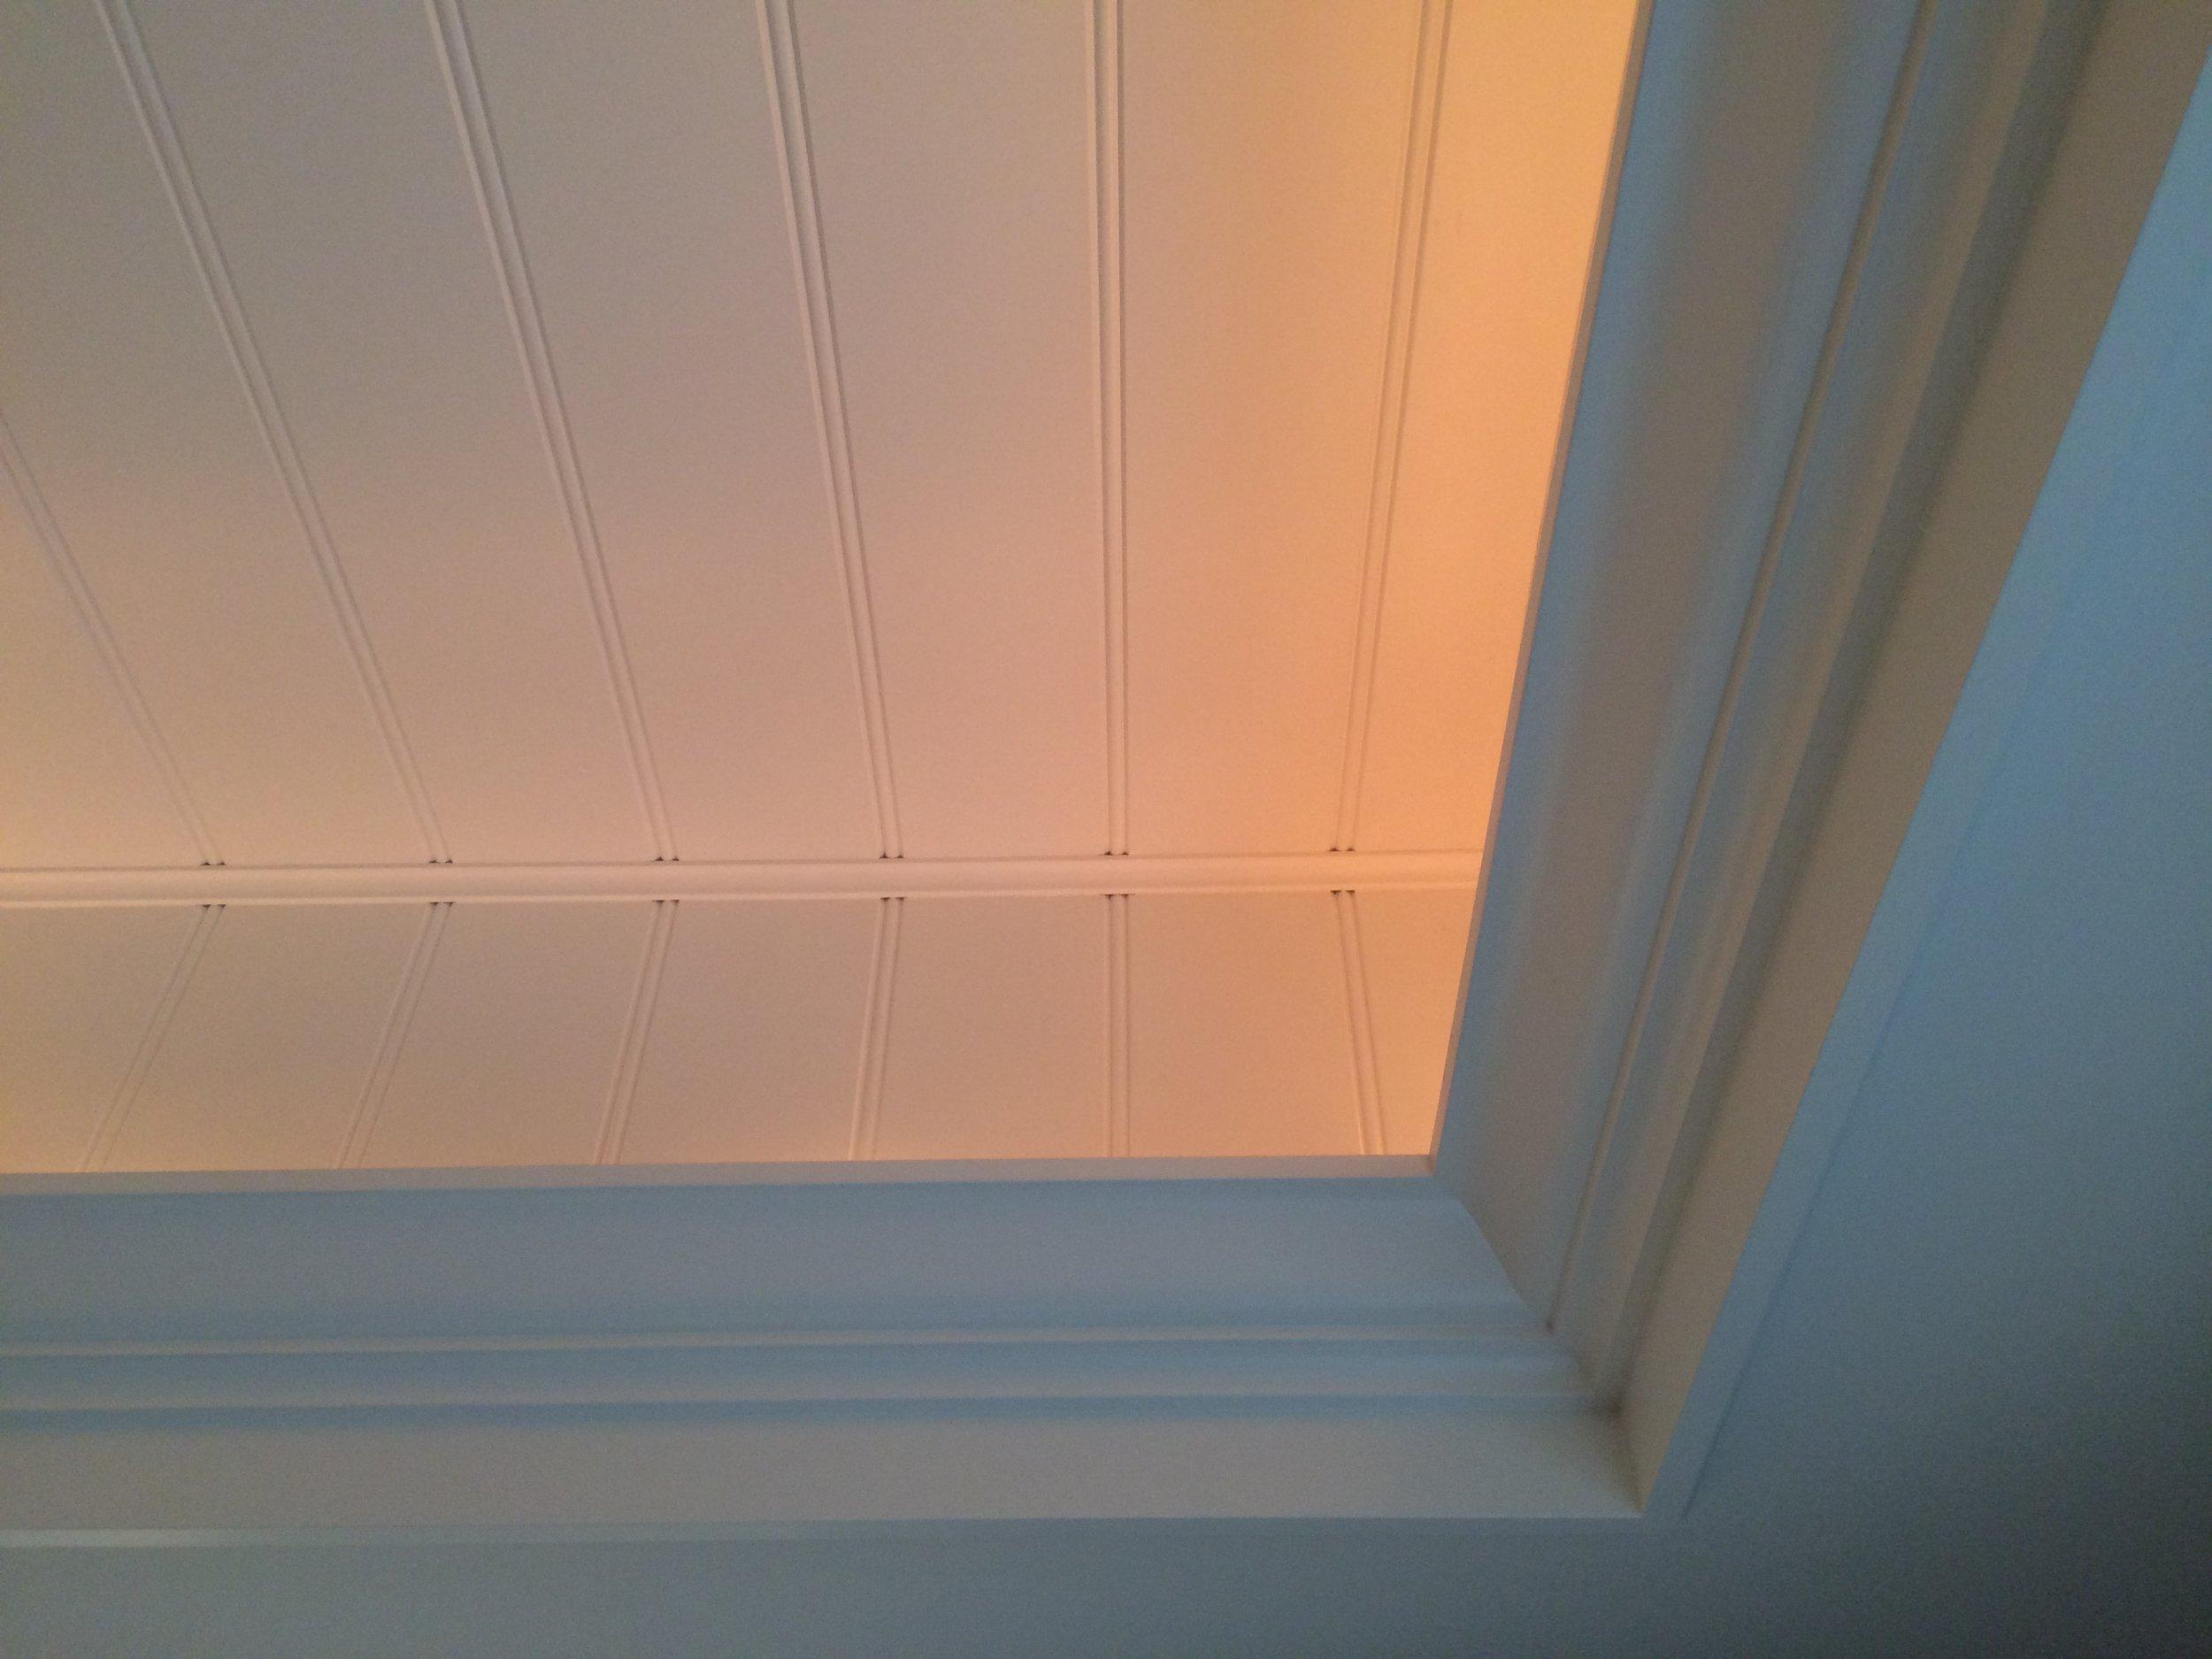 ceiling4.jpg